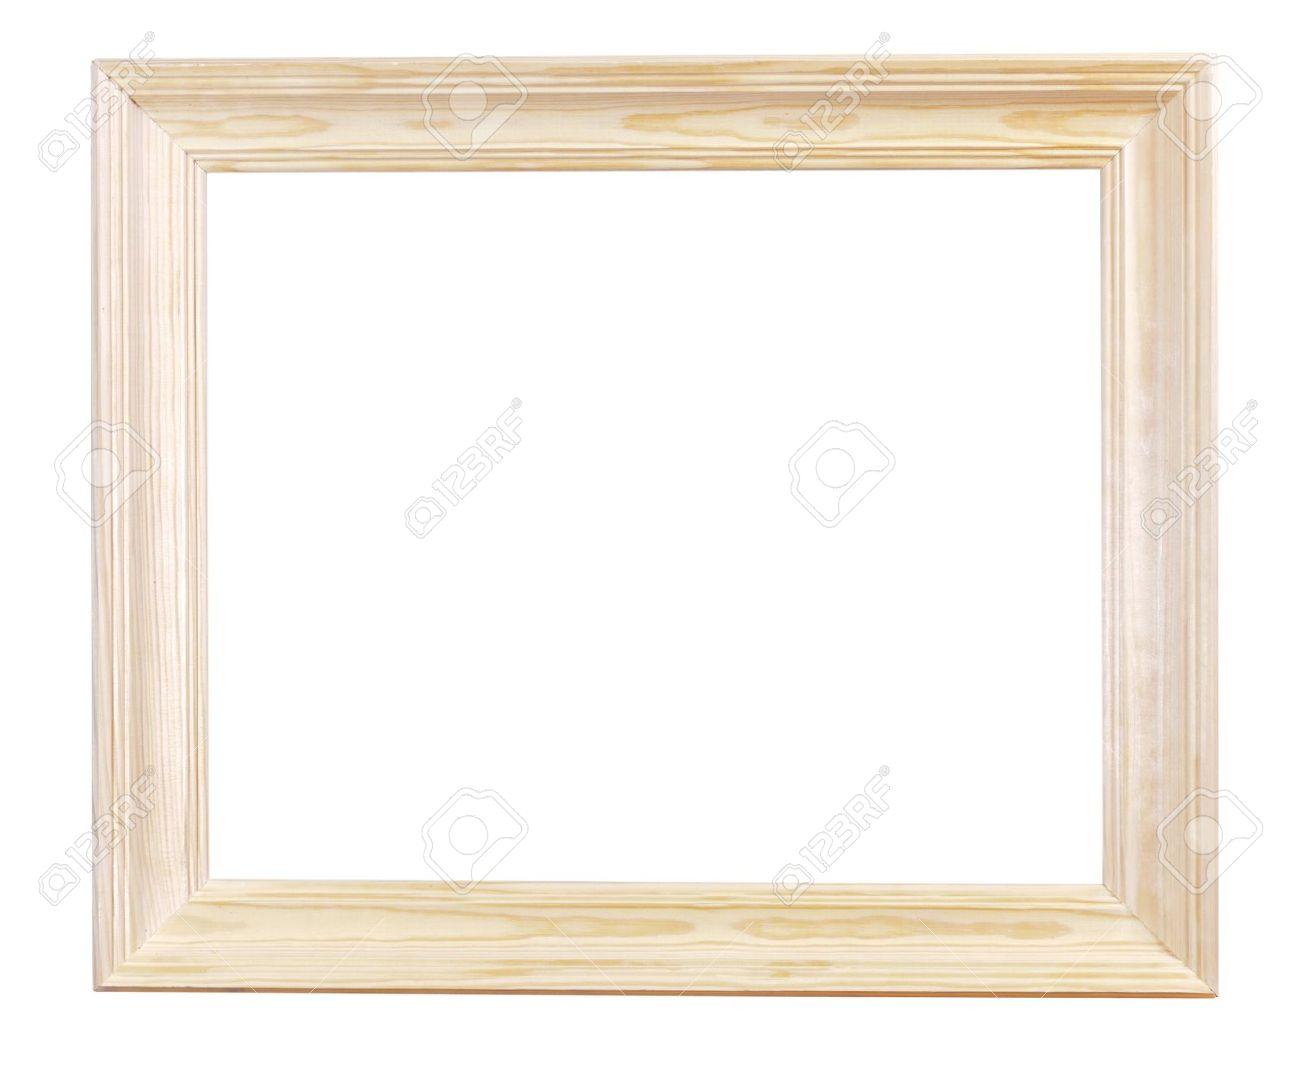 Breite Licht Holz-Bilderrahmen Mit Ausschnitt Leinwand Isoliert Auf ...